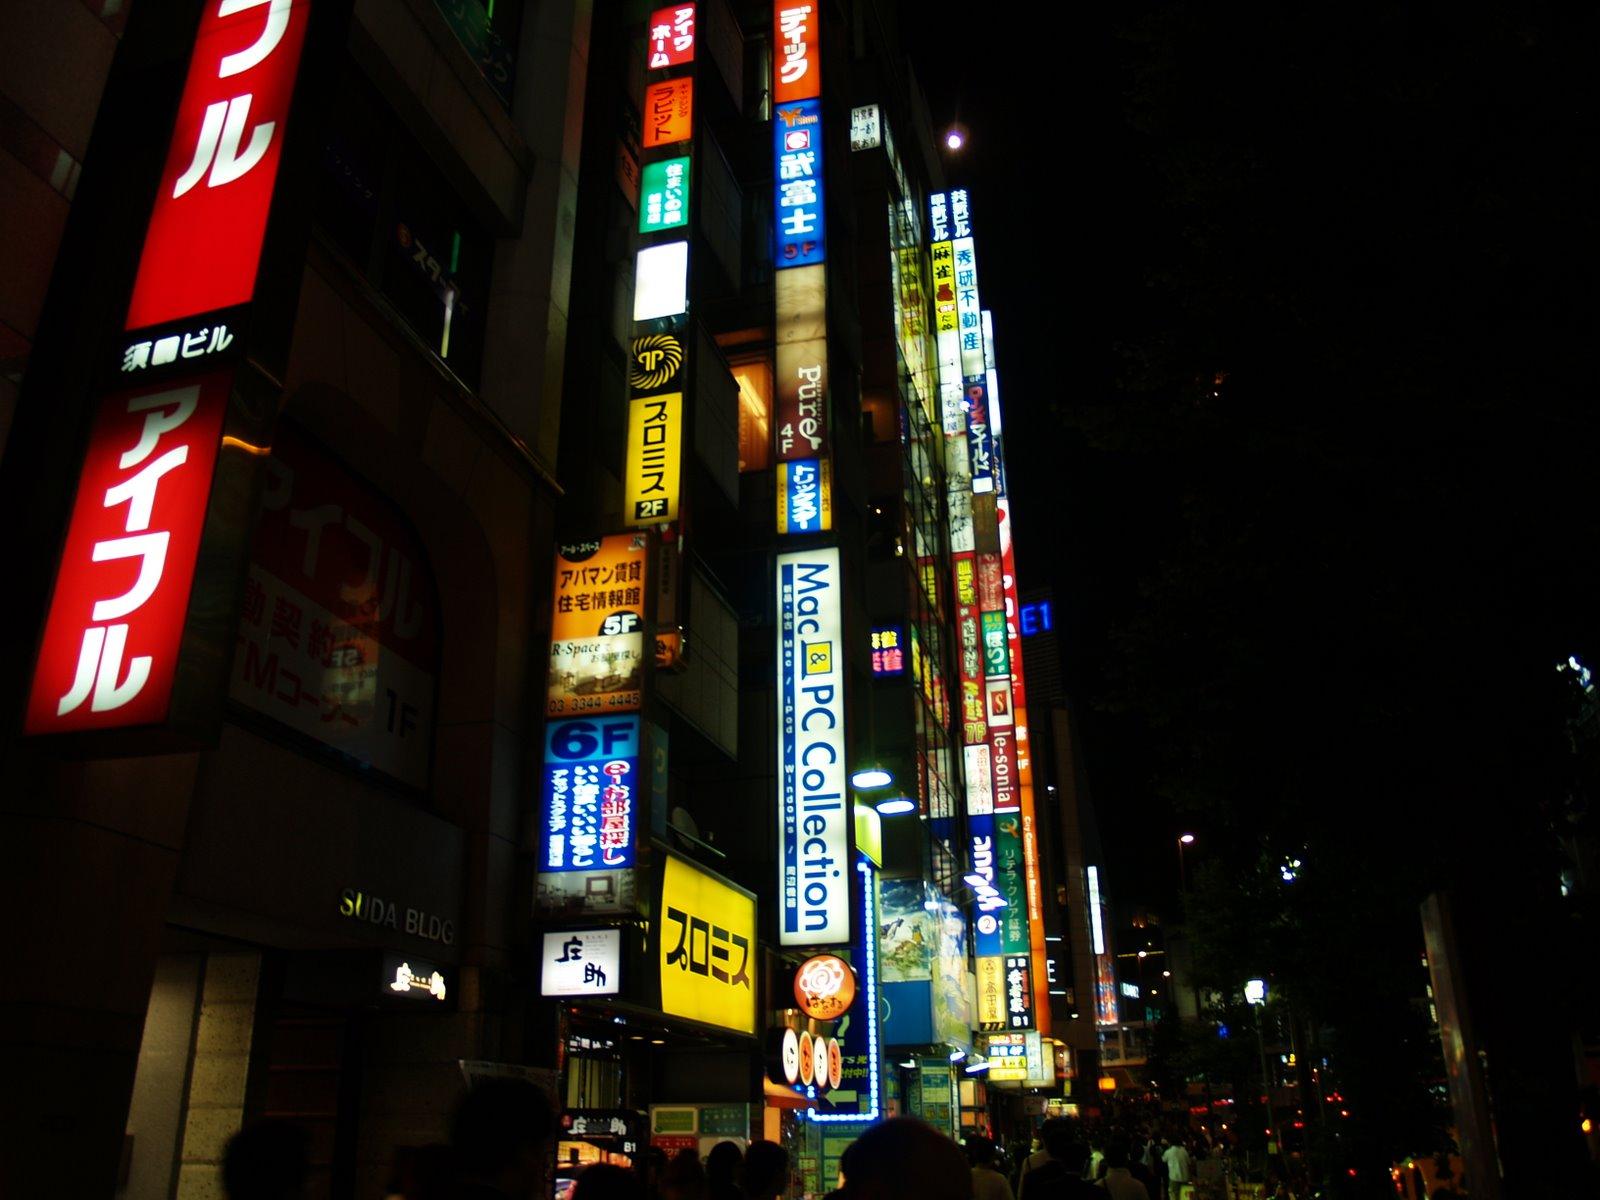 Escenarios de películas en Japón I: Lost in translation